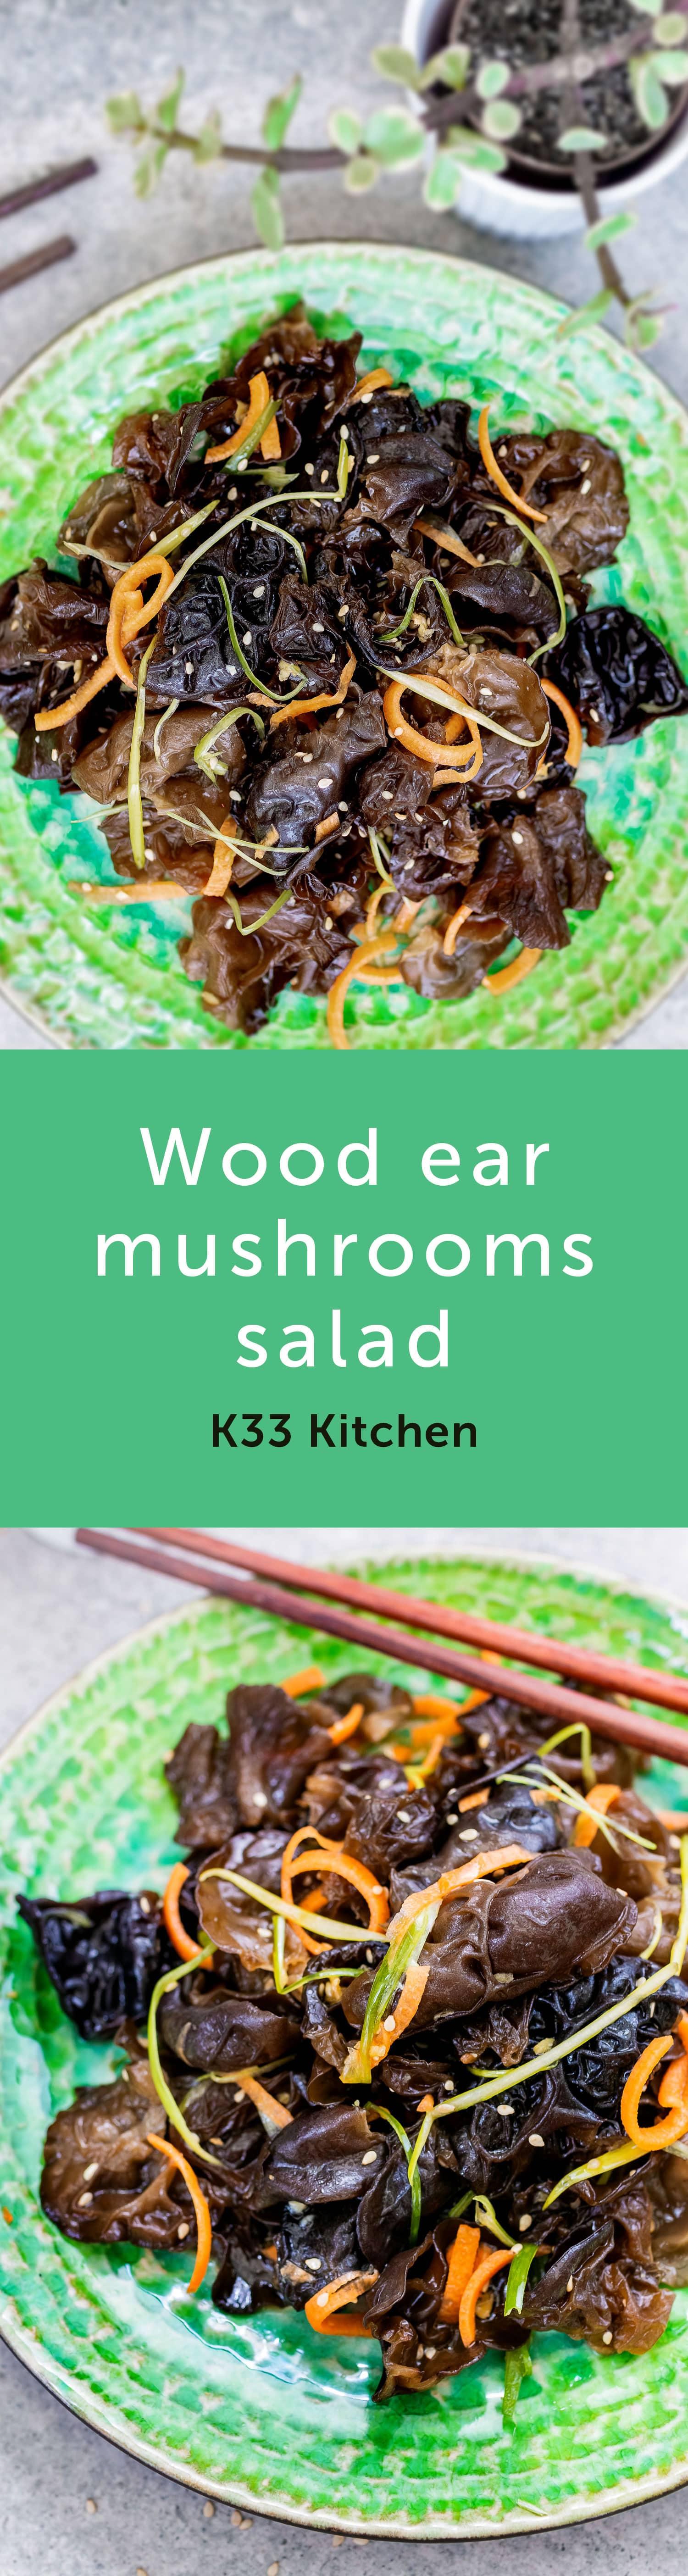 Wood ear mushrooms salad